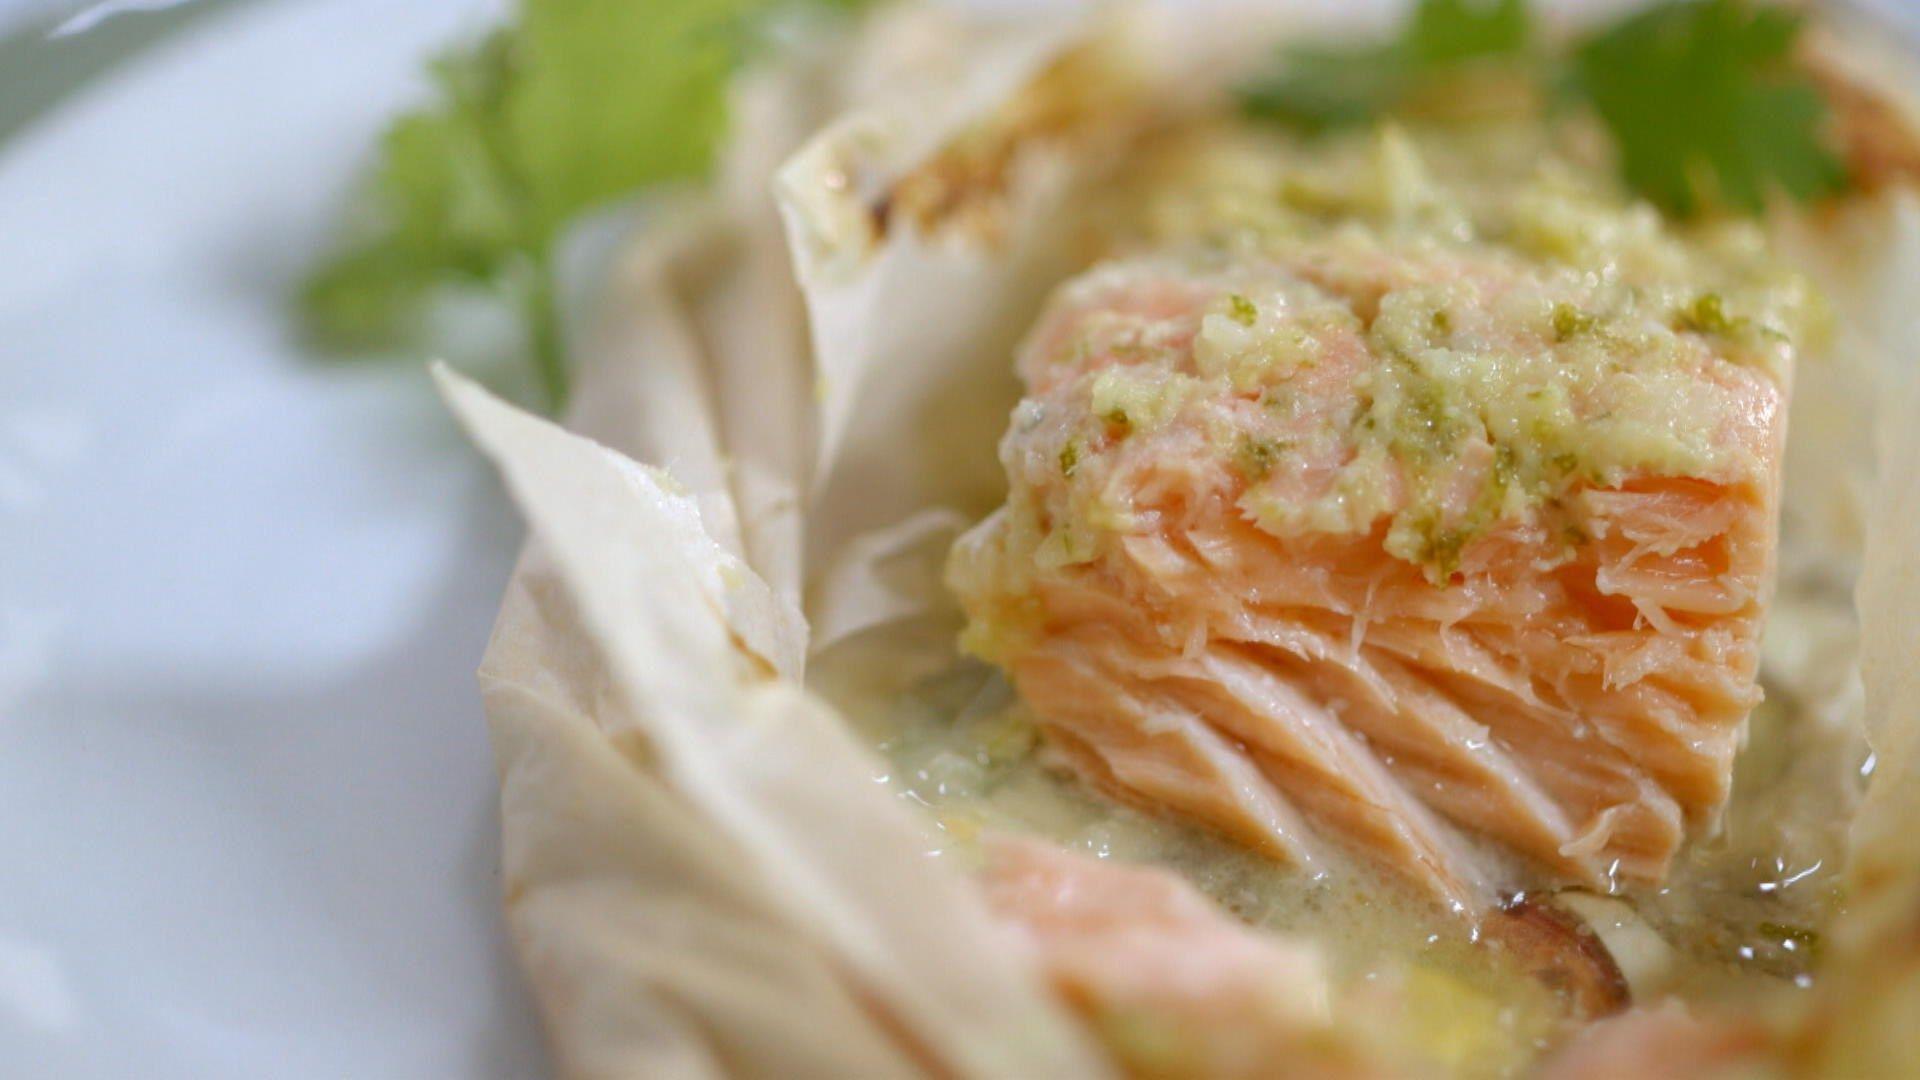 Papillotes de poisson l asiatique cuisine fut e for Apprendre cuisine asiatique